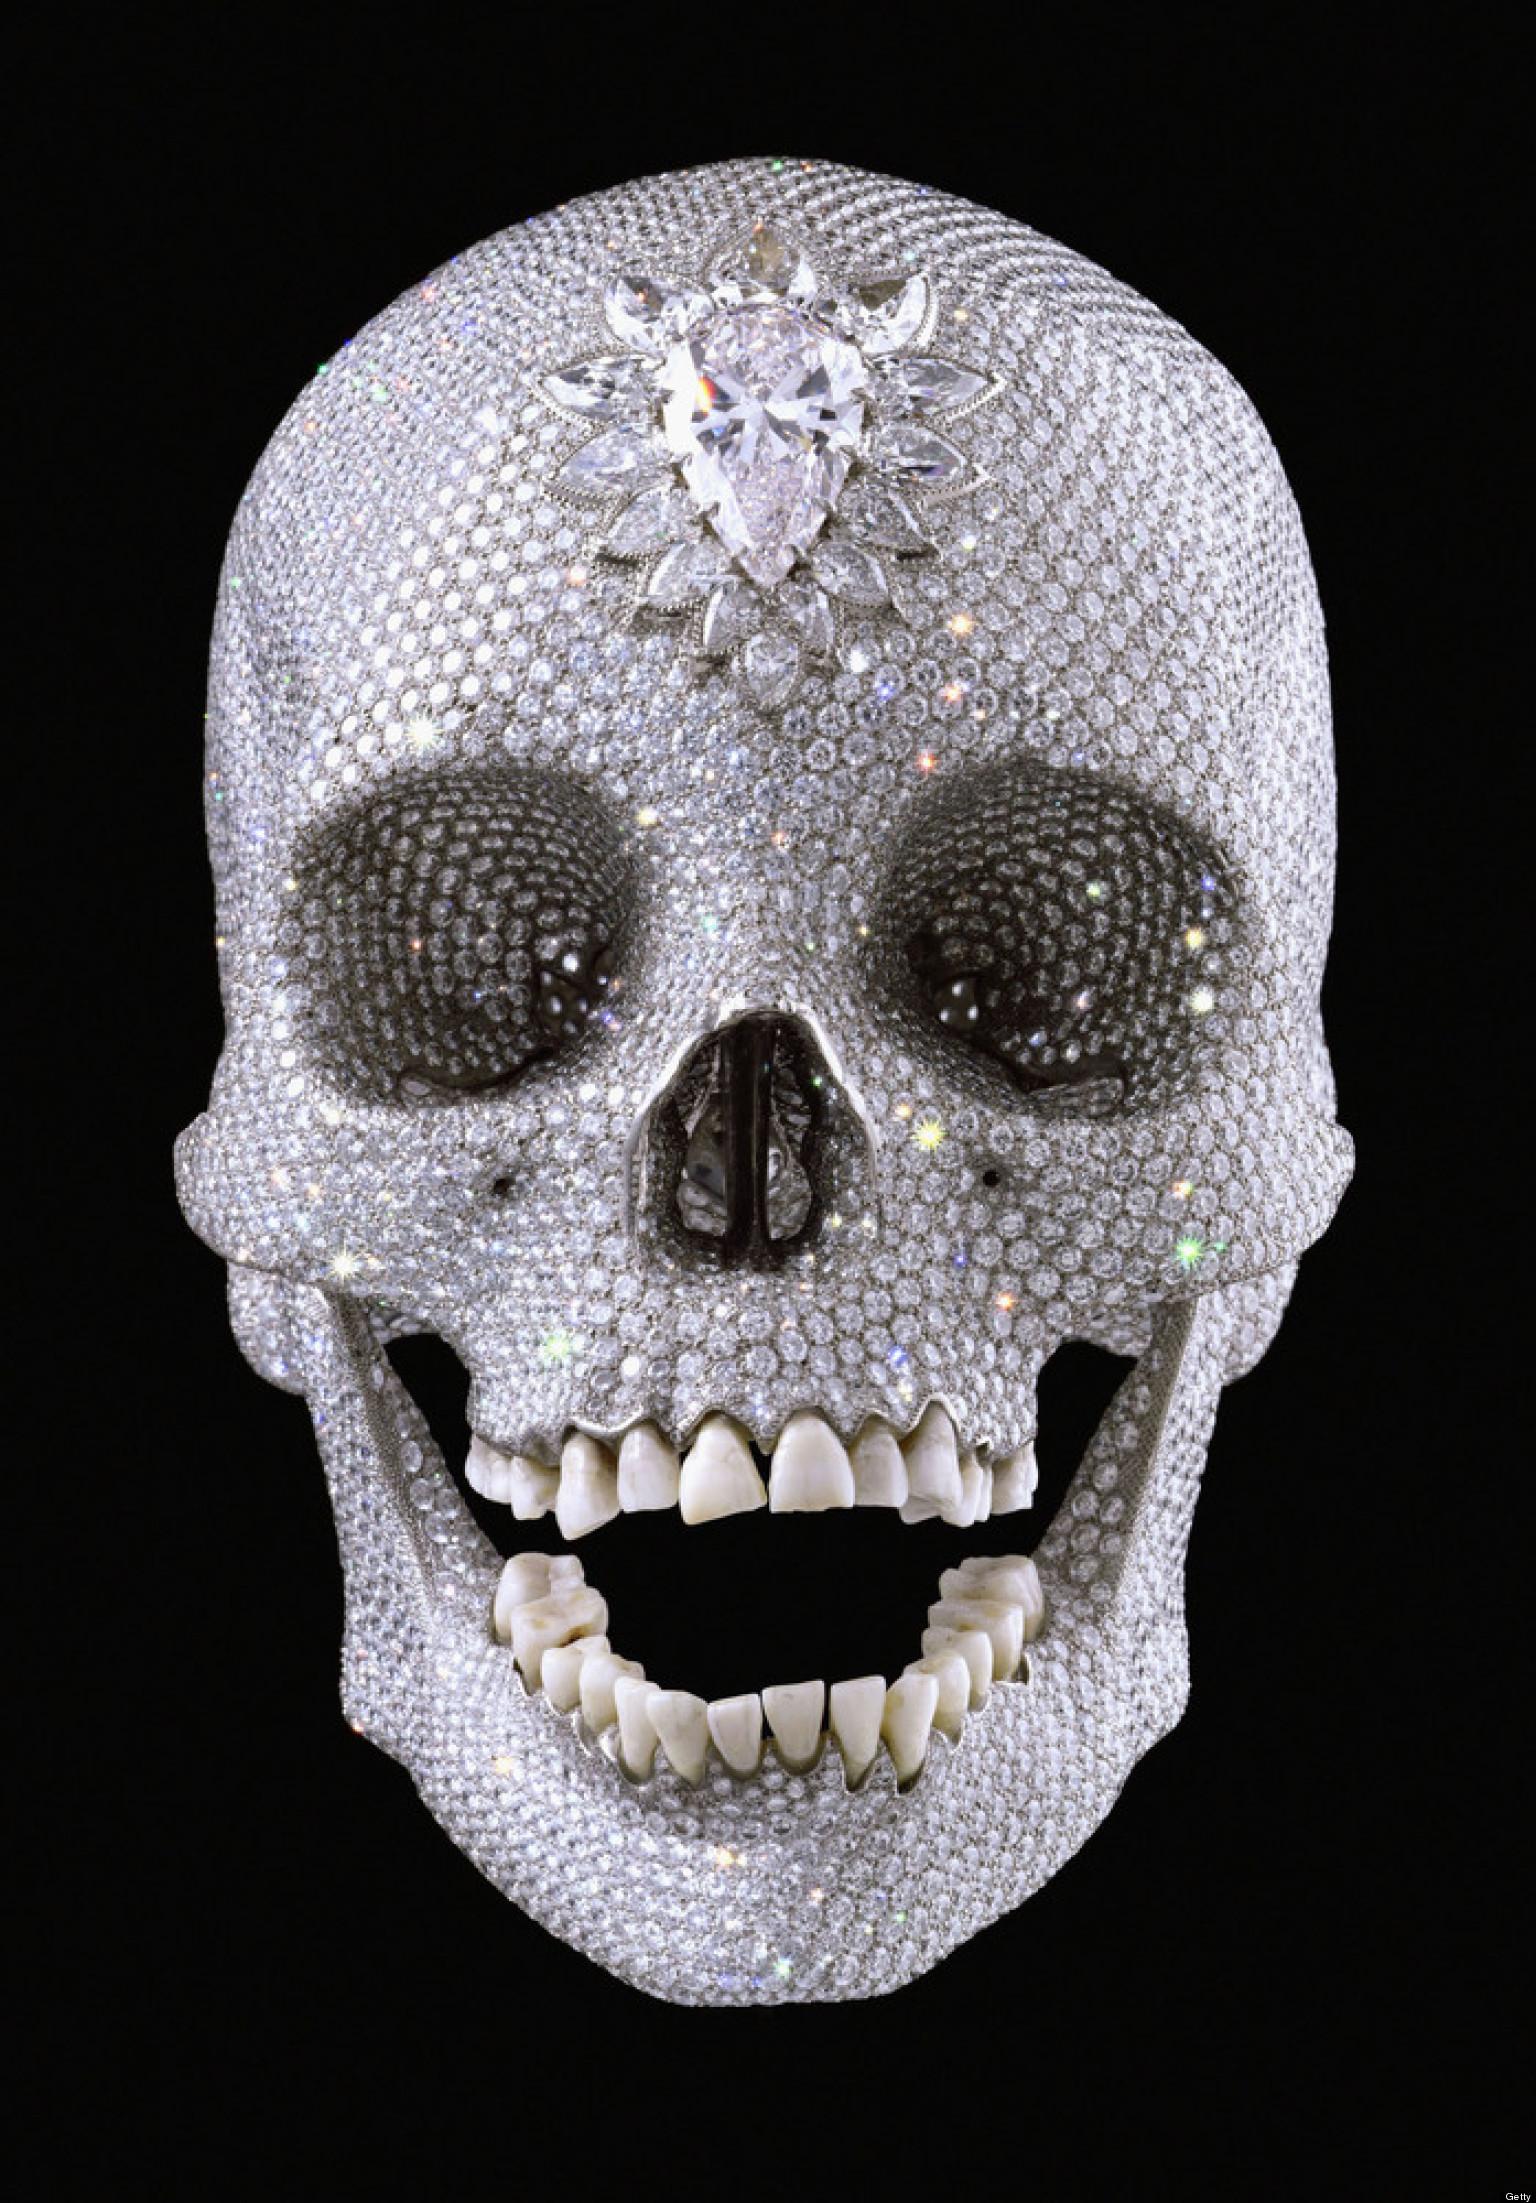 Day Of The Dead 10 Amazing Skull Artworks SLIDESHOW  HuffPost